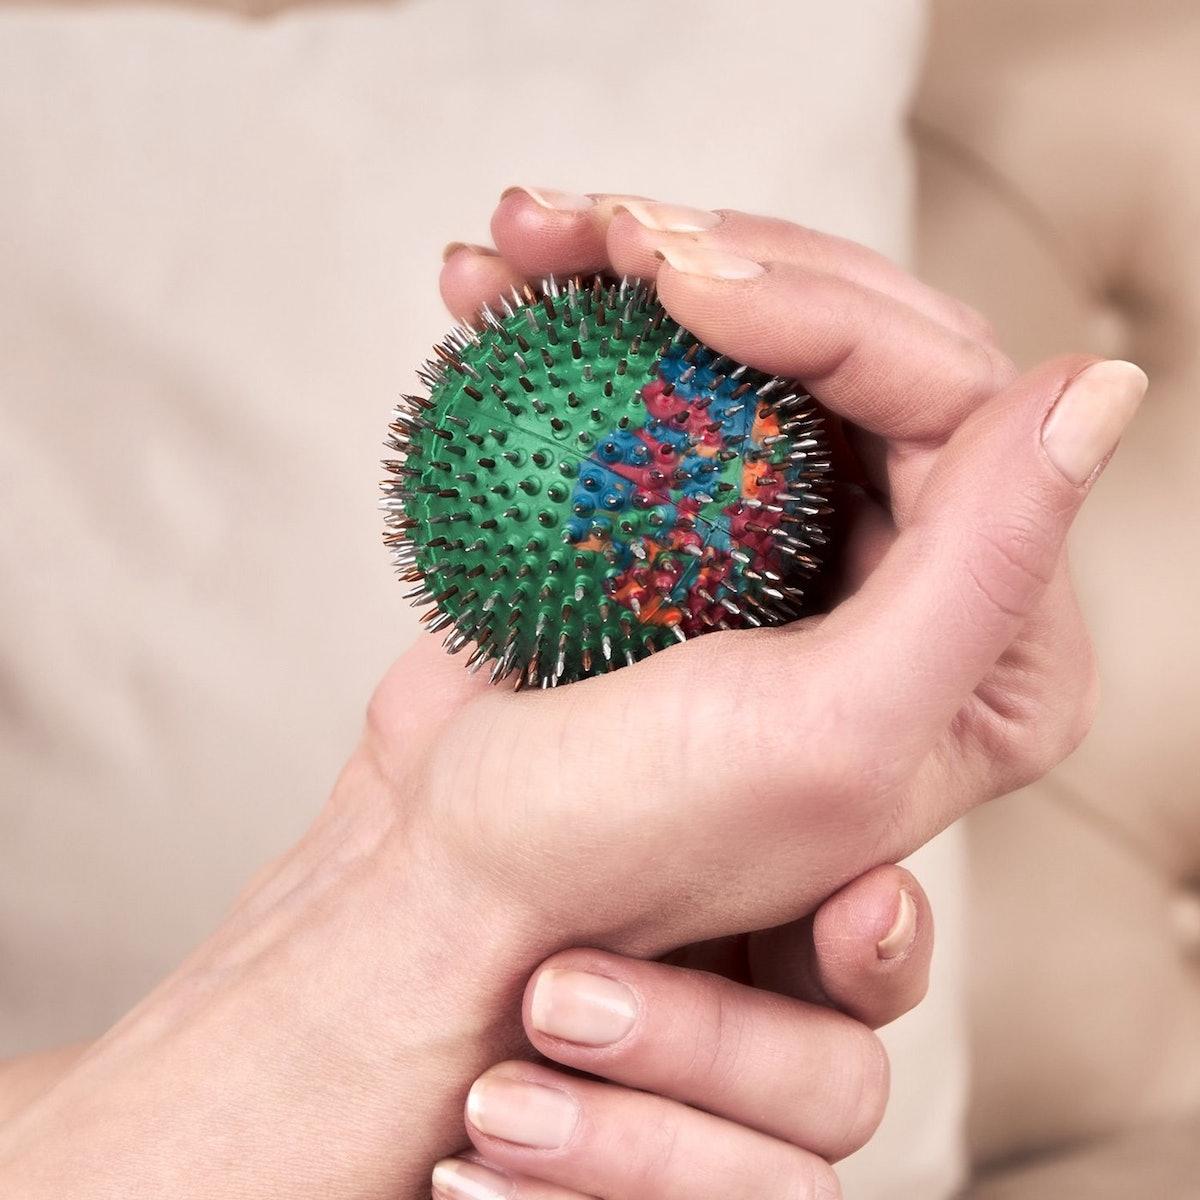 LYAPKO Acupuncture Hand / Foot Massage Ball